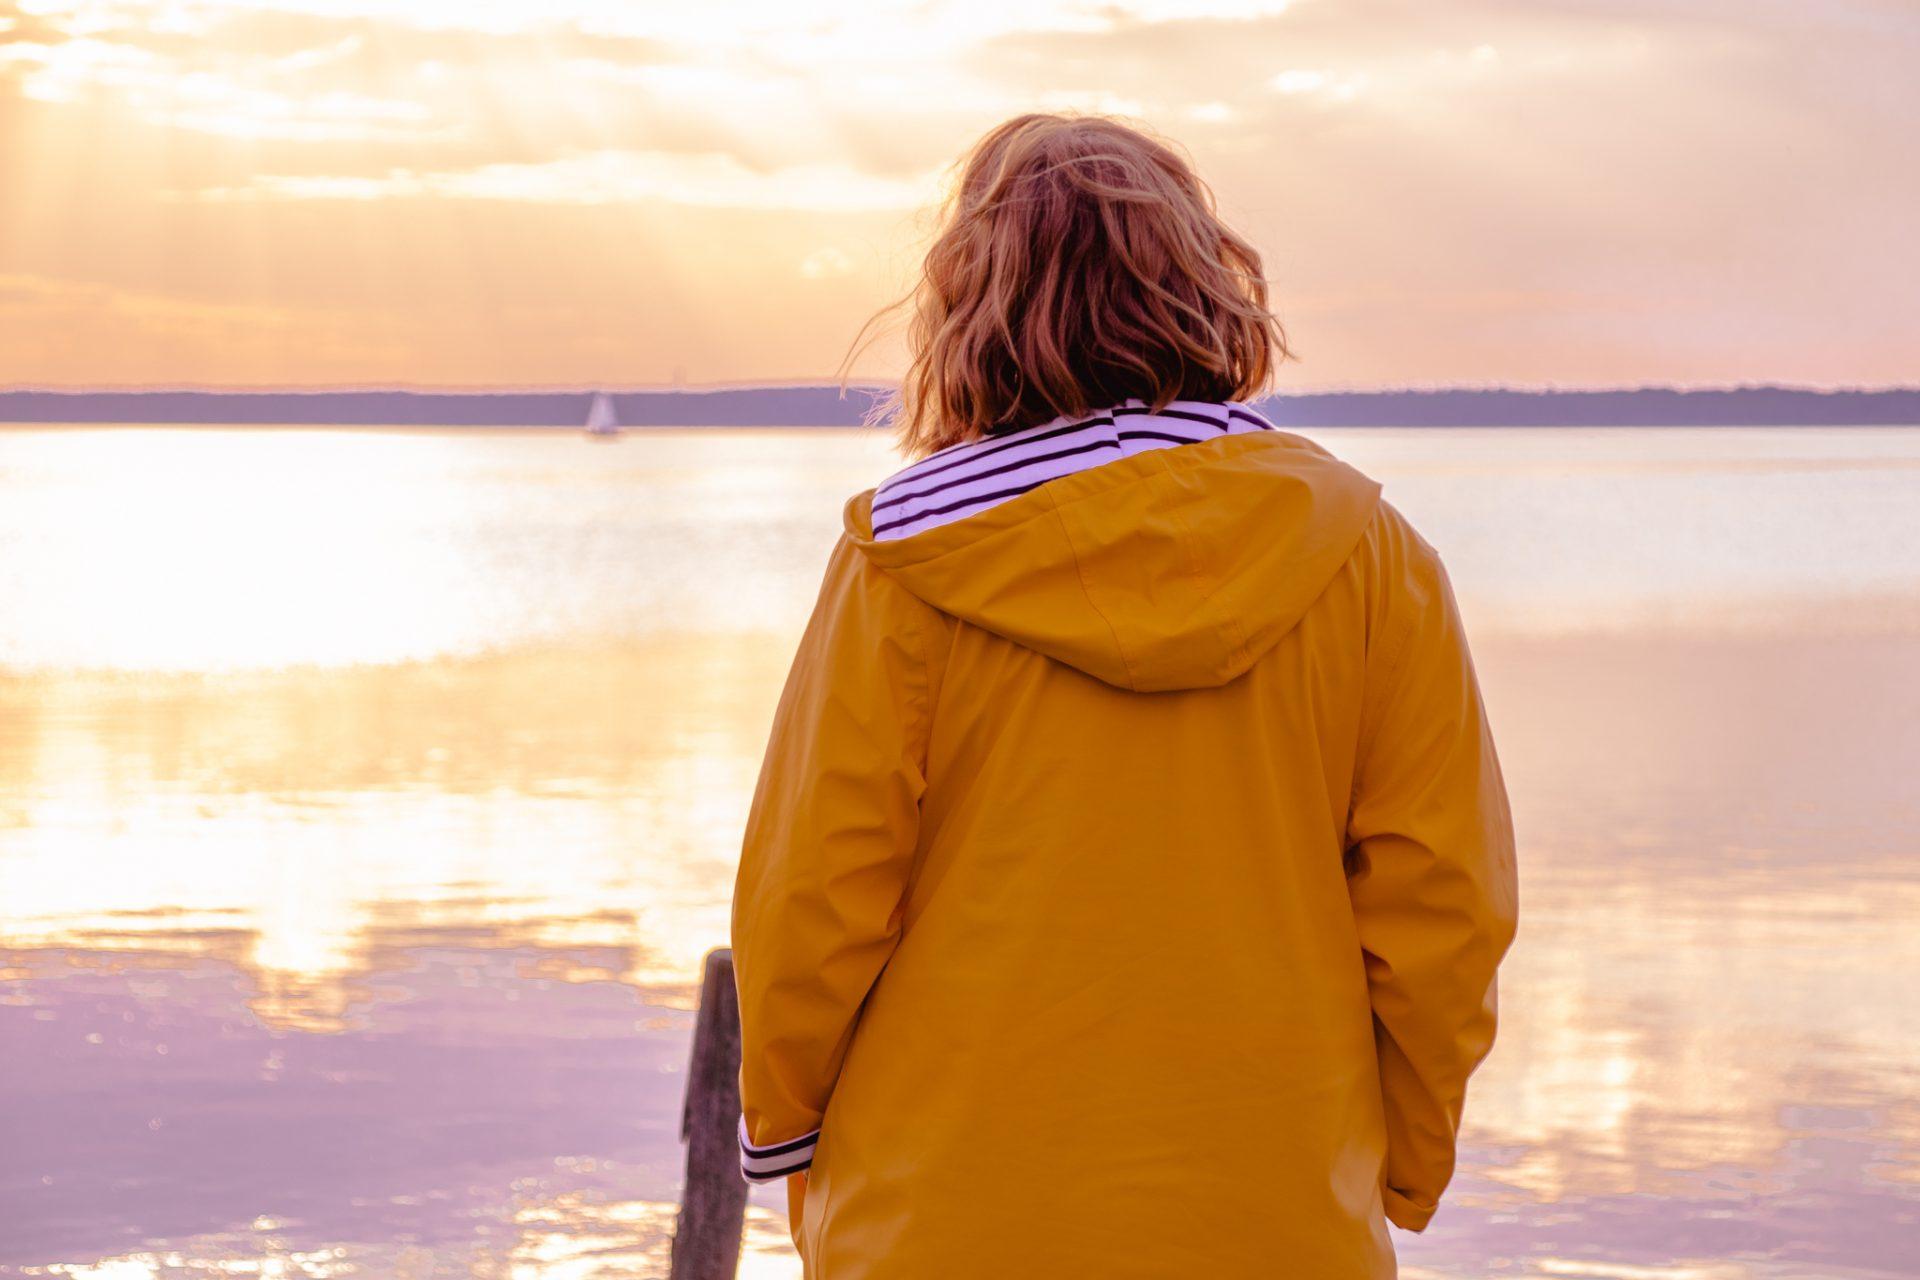 Steinhuder-Meer-nachhaltig-reisen